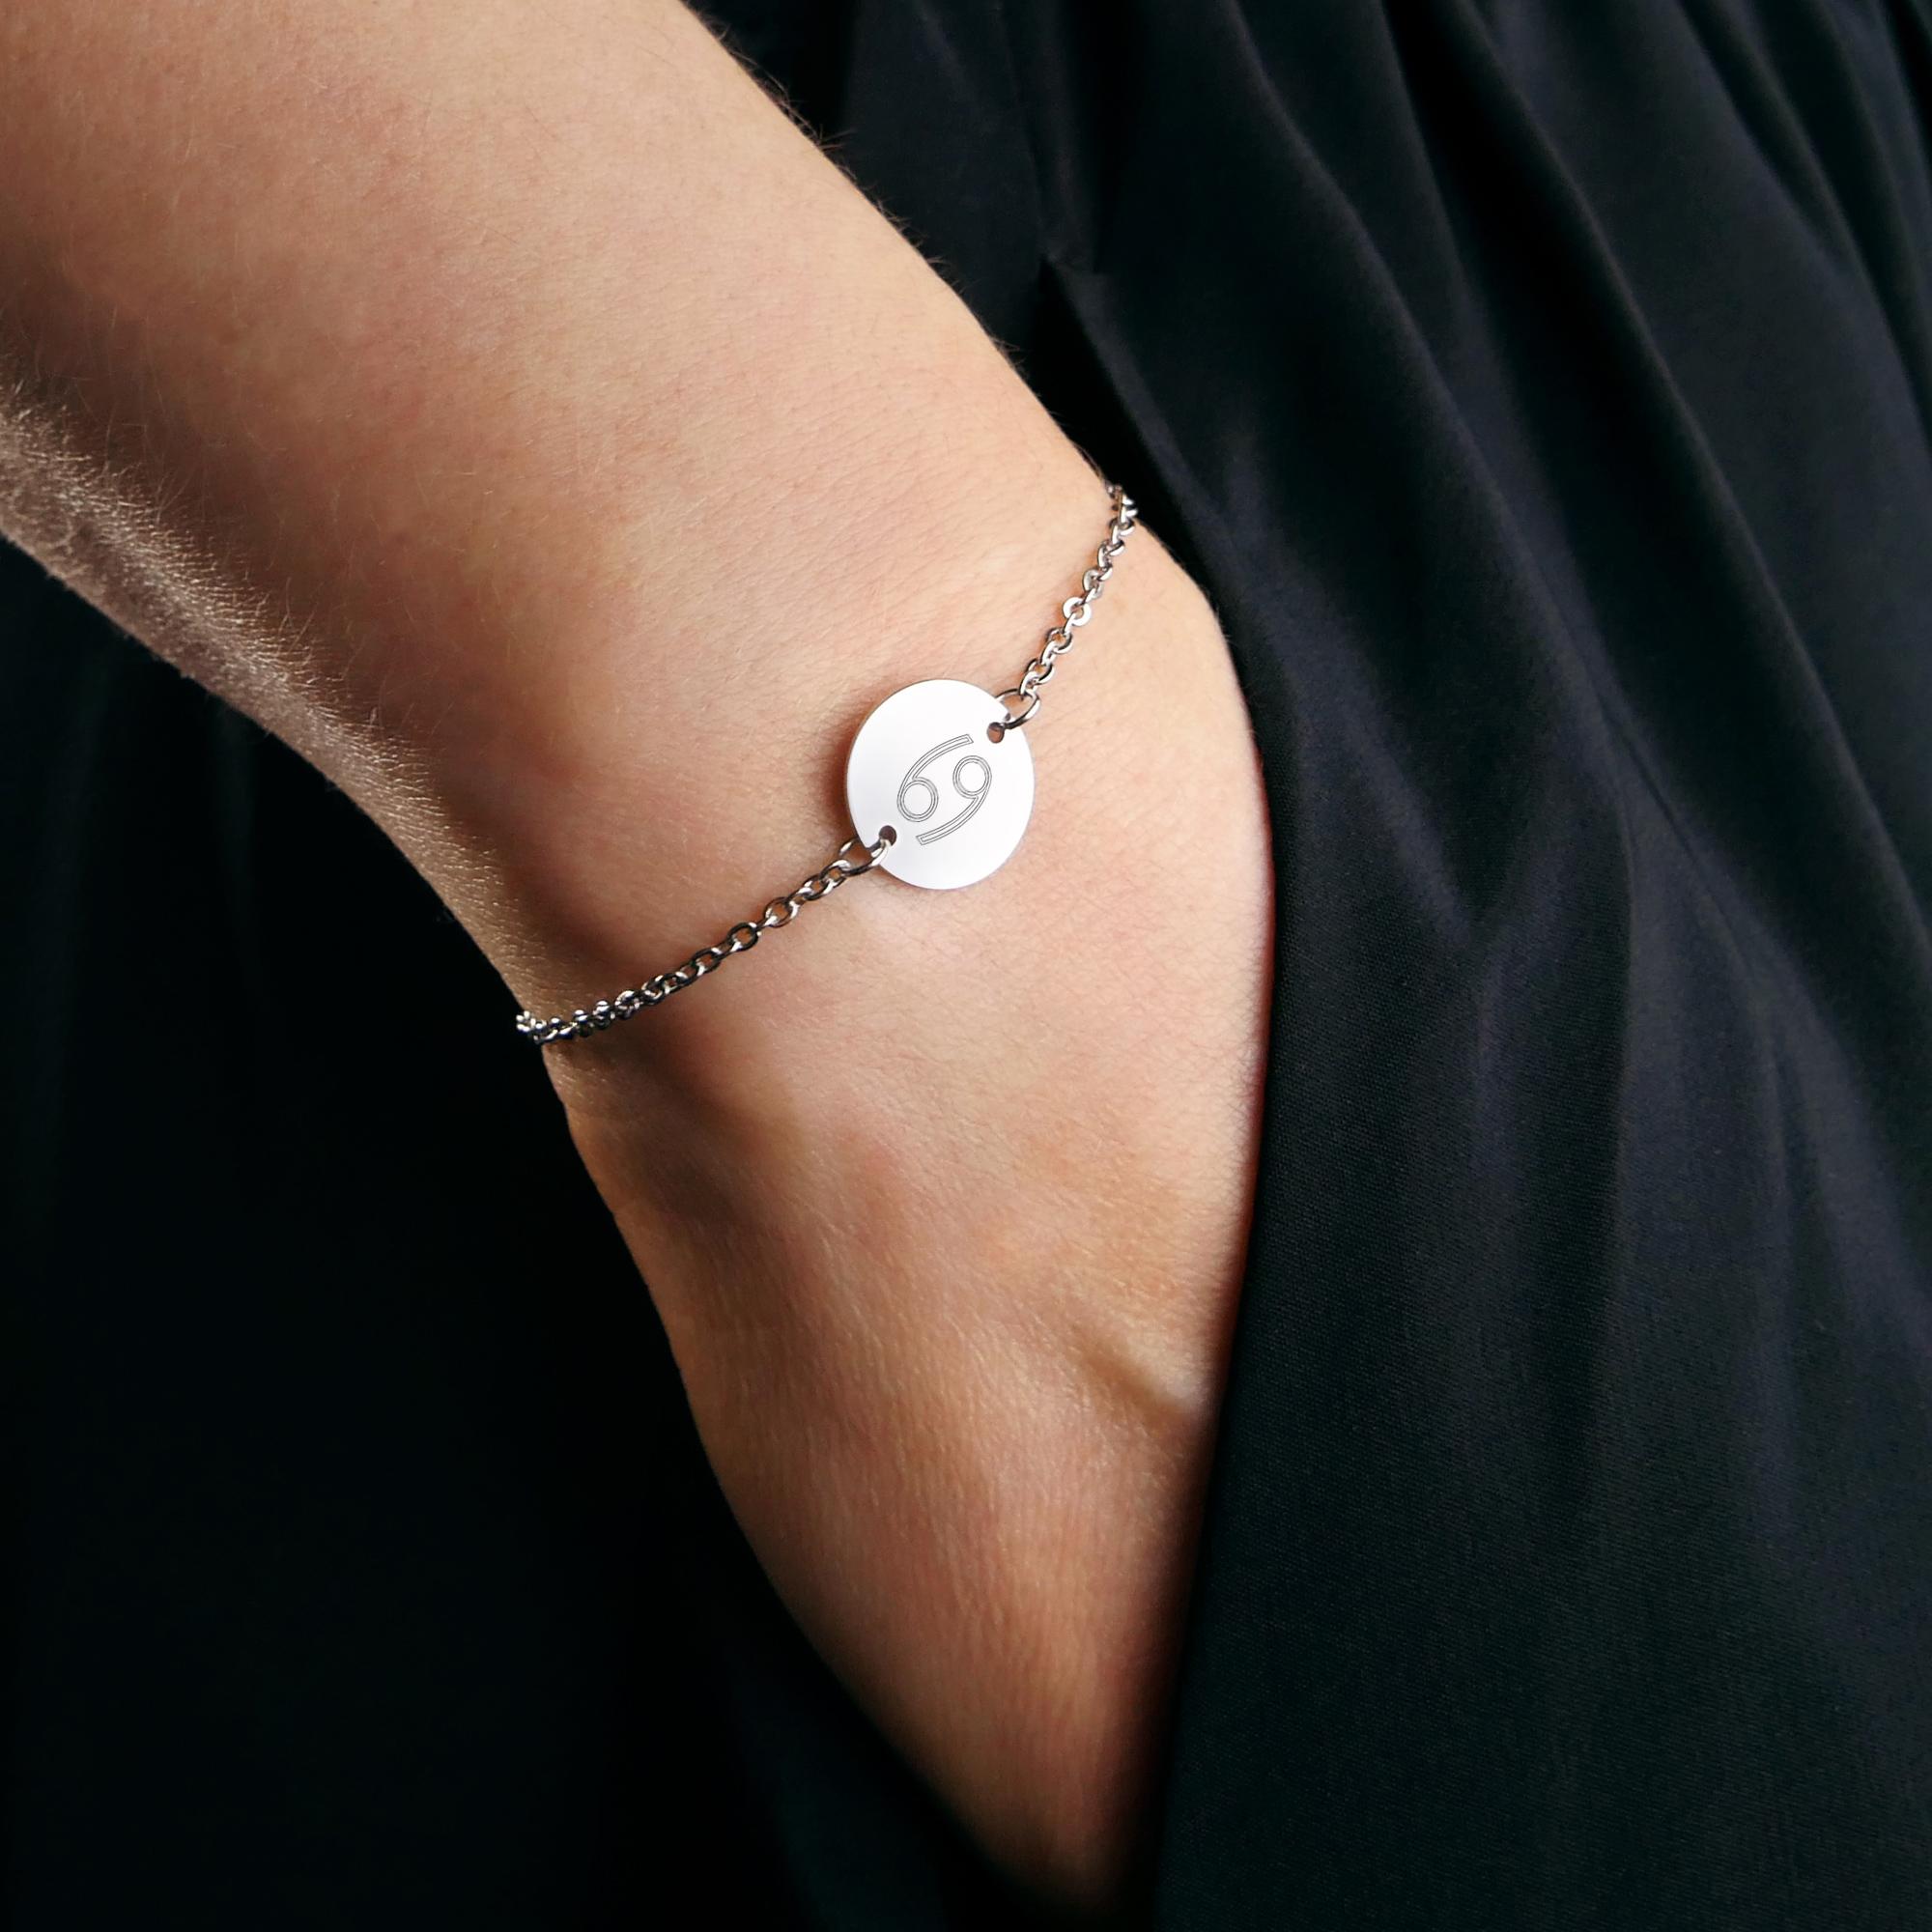 Armkettchen mit Gravur - Sternzeichen - Silber - Kurz - Personalisiert